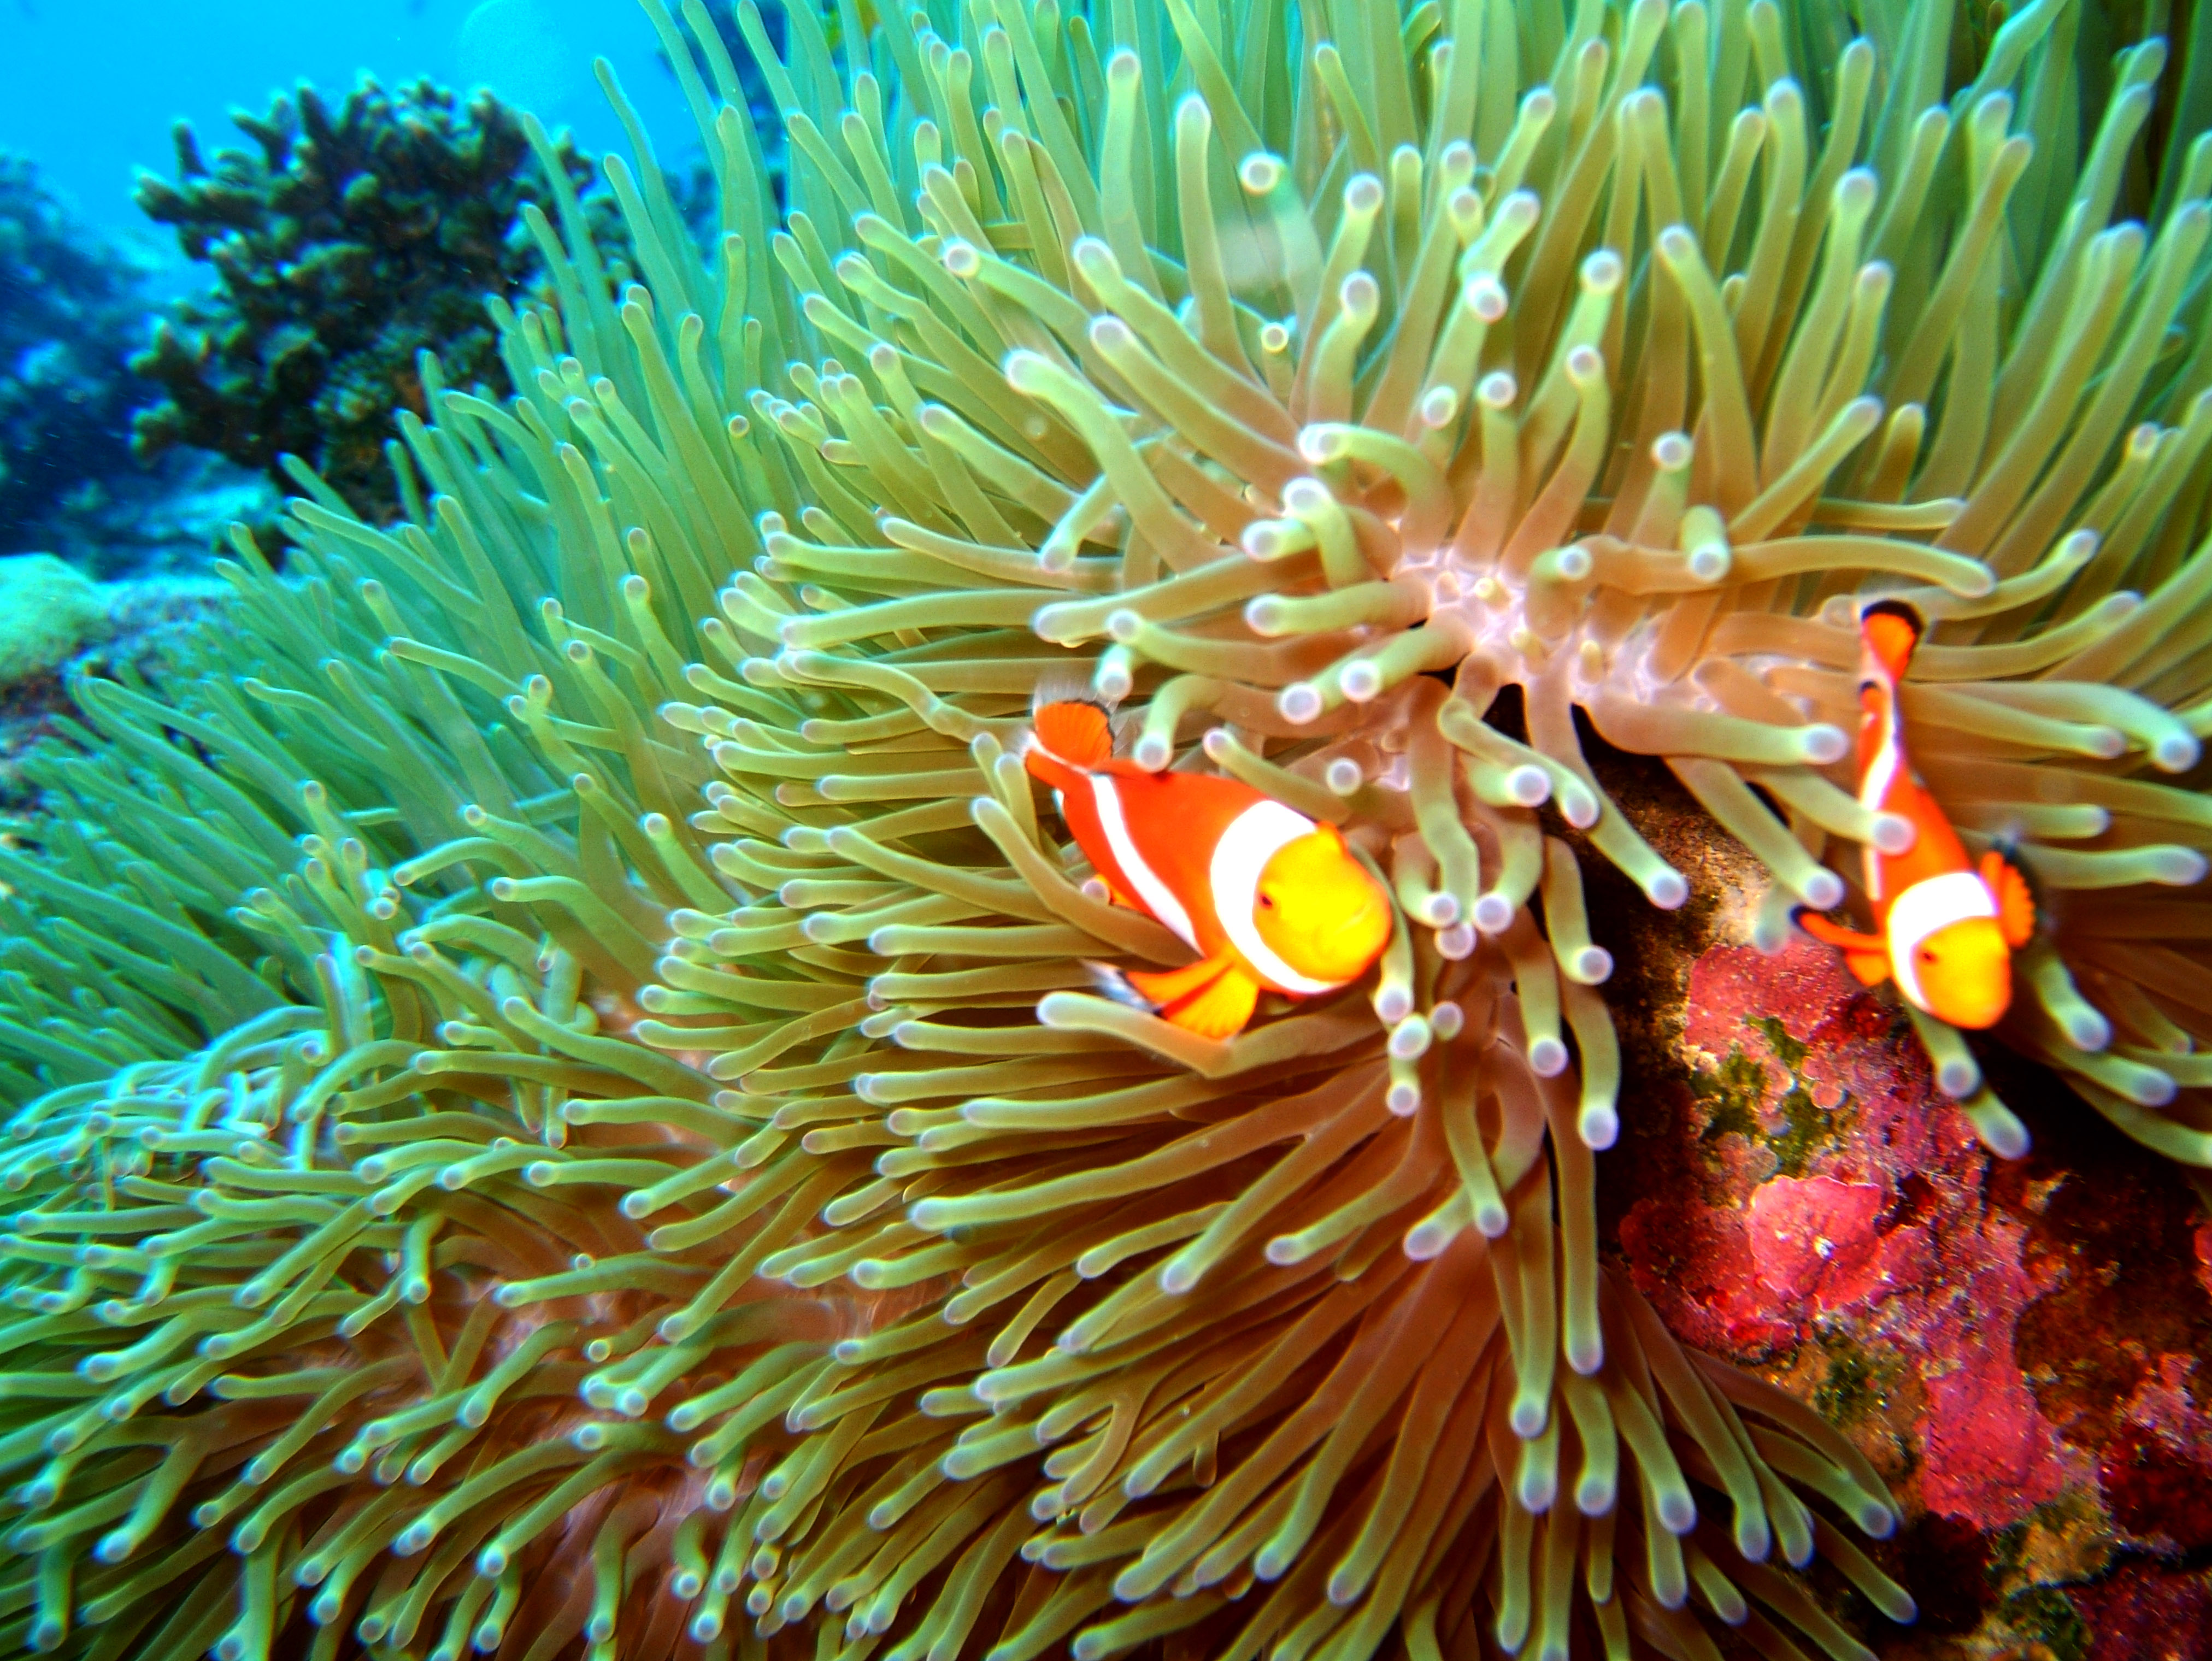 Philippines Cebu Bohol Balicasag Island Rudys rock dive Dec 2005 21